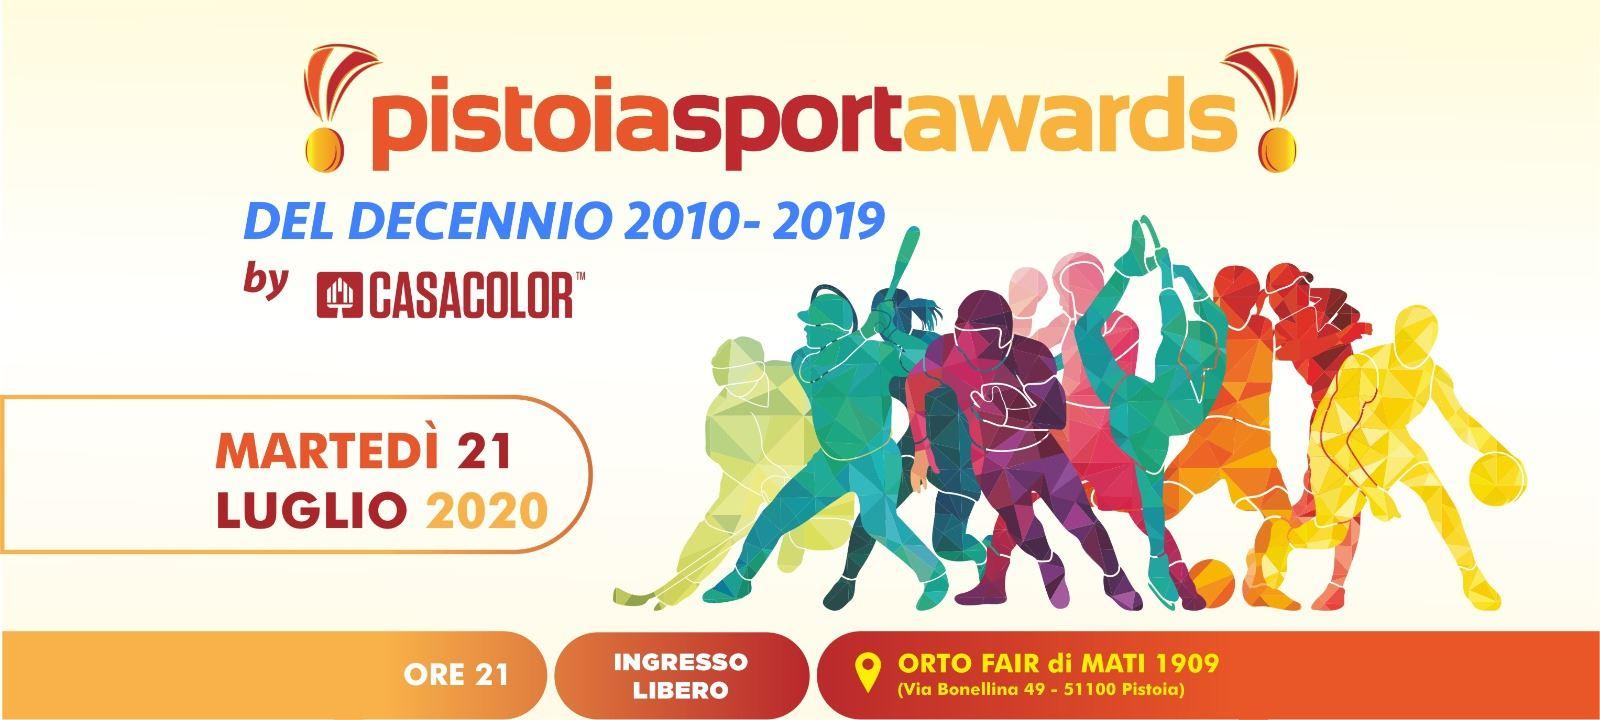 Pistoia Sport Awards | I Migliori Sportivi del Decennio 2010-19